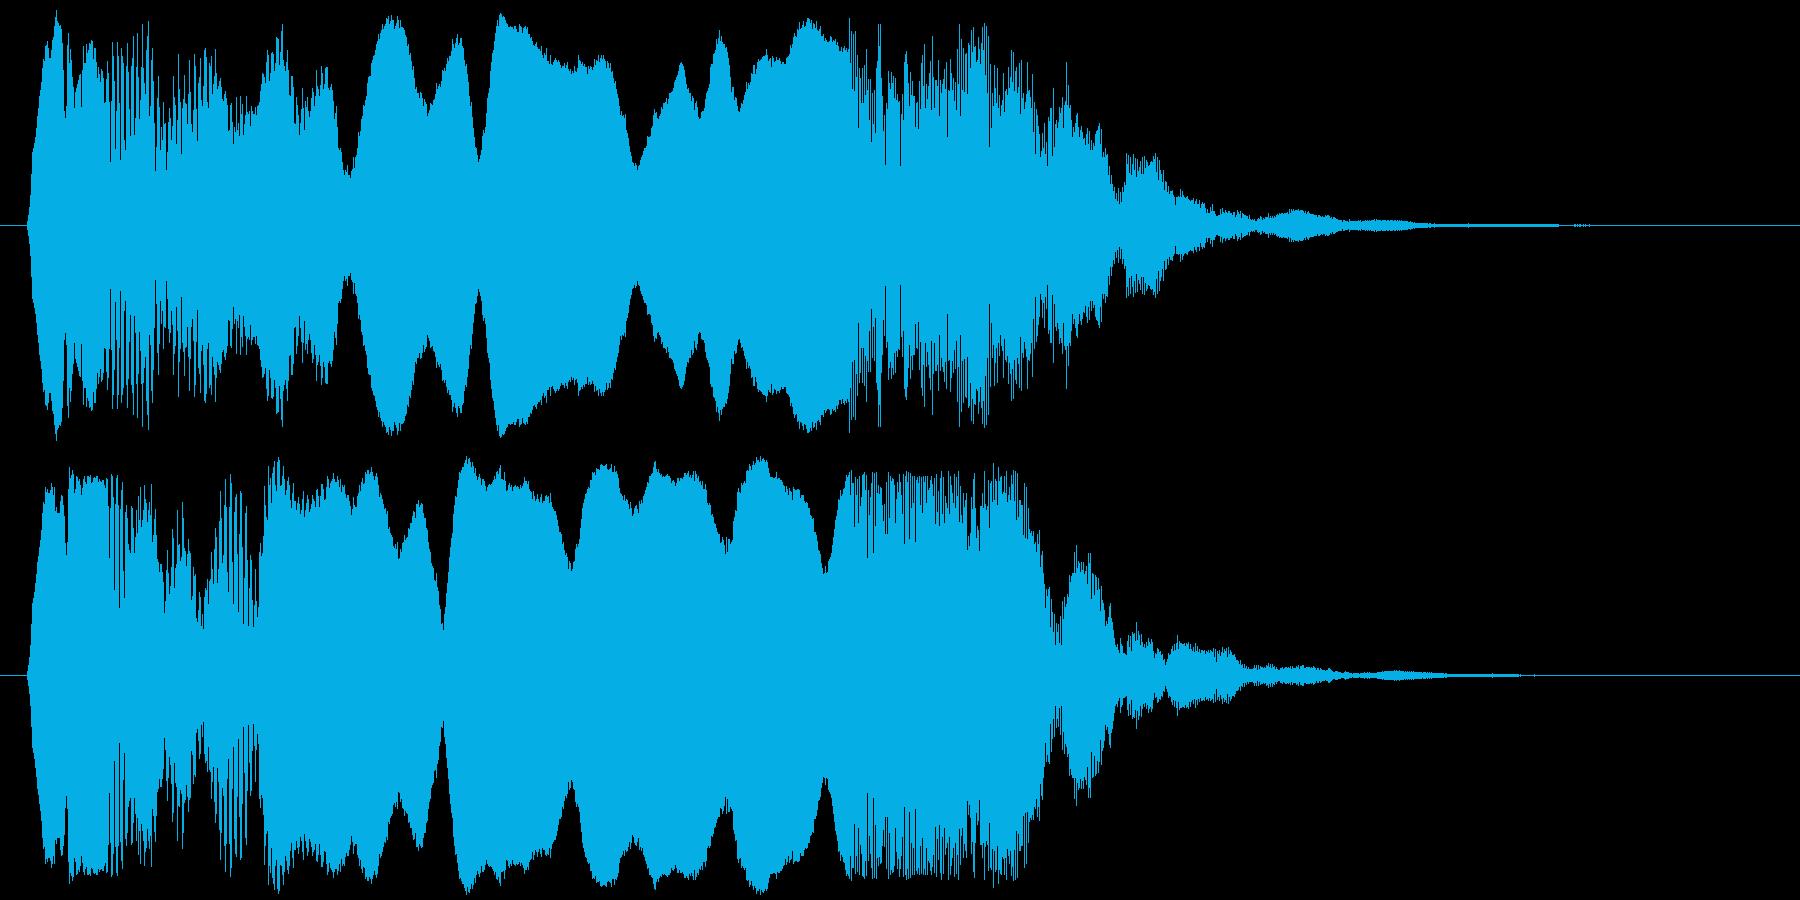 和風な効果音ですの再生済みの波形